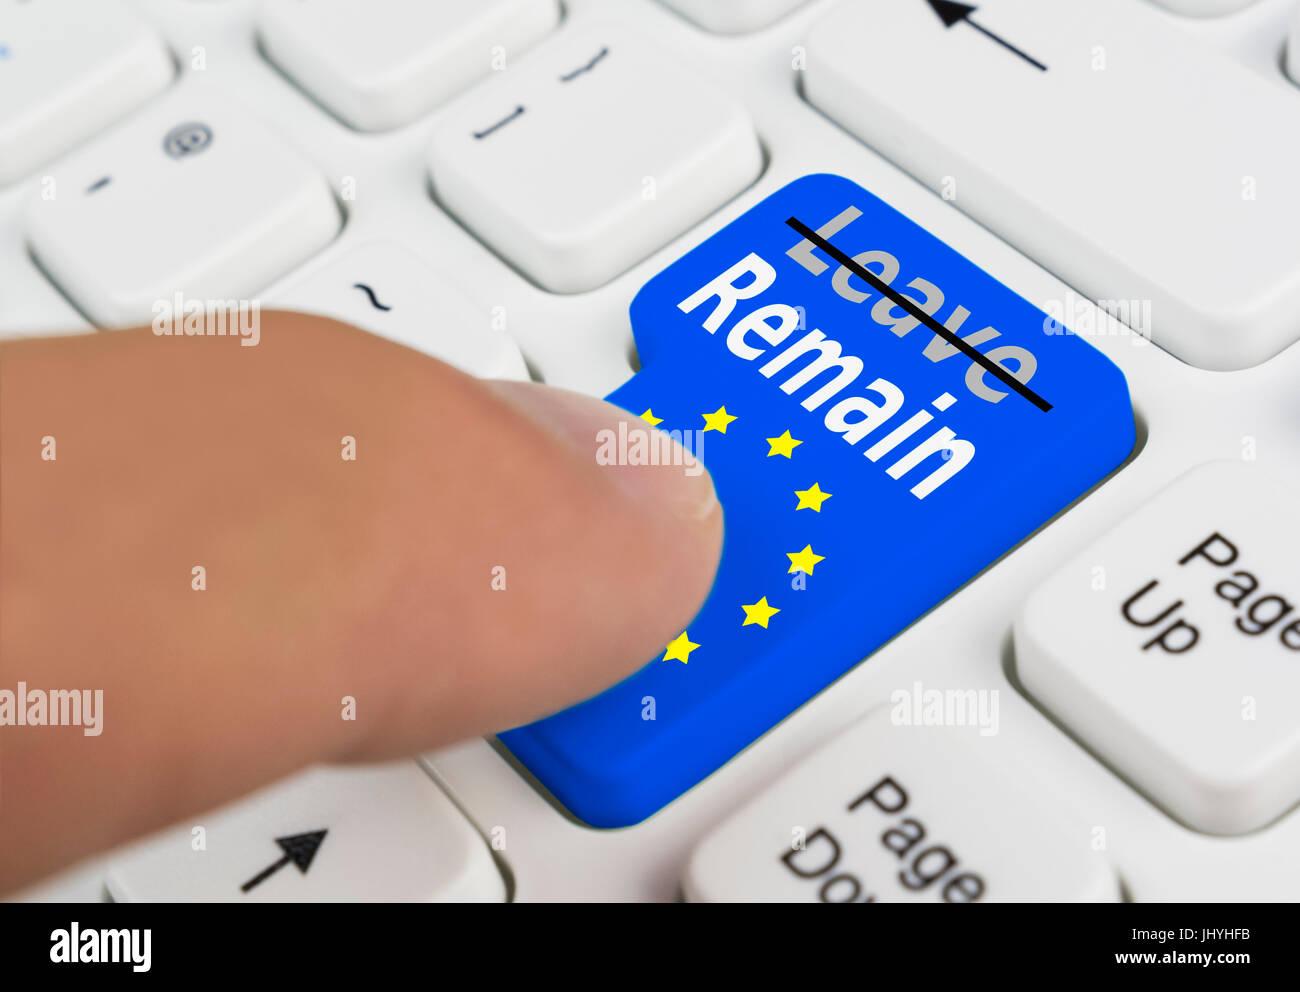 Bouton de l'UE demeurent pour un second référendum Brexit vote, après avoir changé le vote Photo Stock